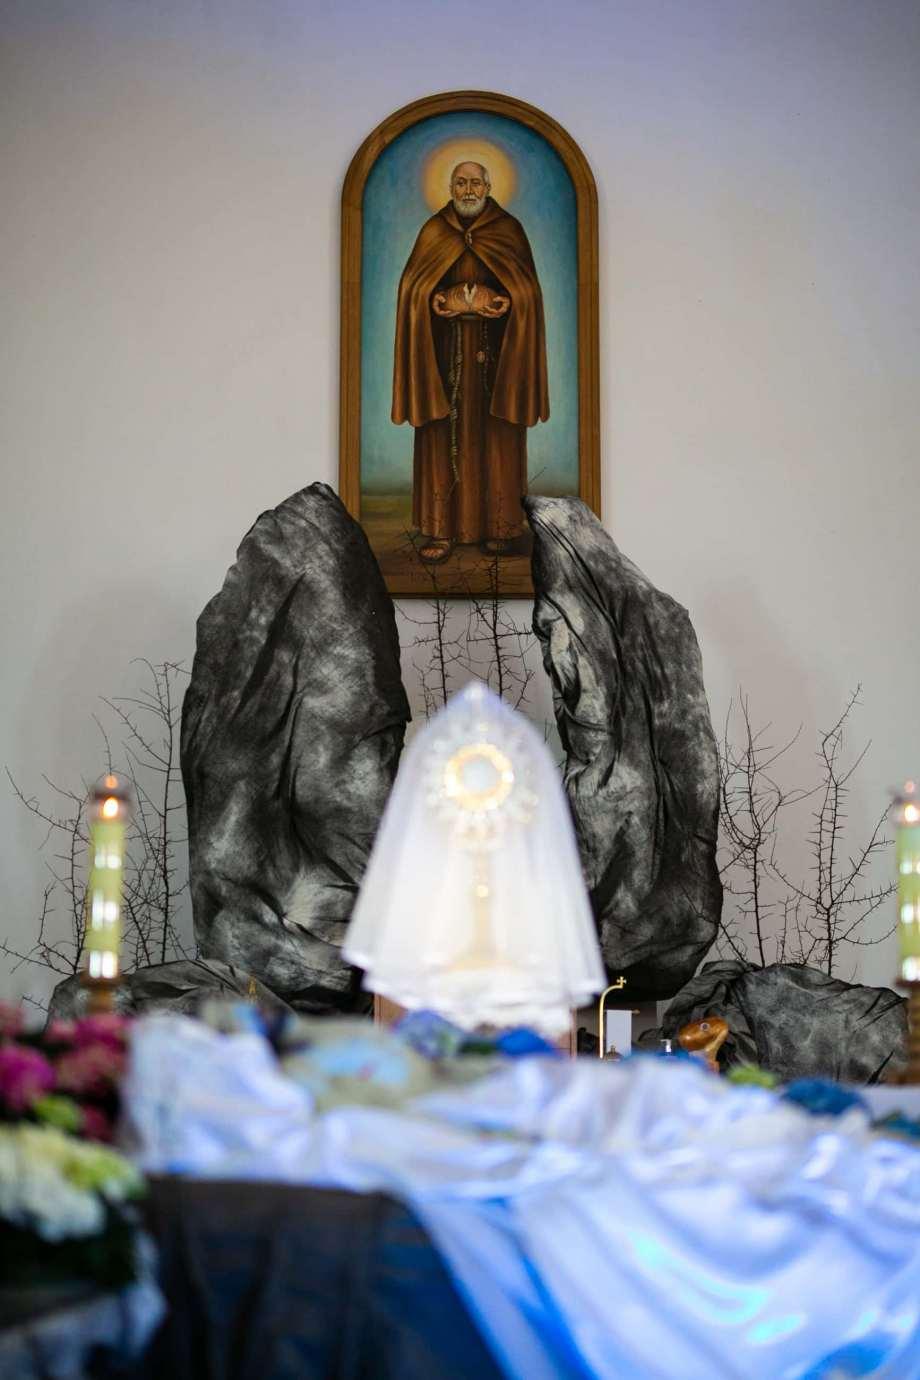 parafia pw swietego brata alberta w zamosciu 8 Zdjęcia grobów pańskich w zamojskich świątyniach